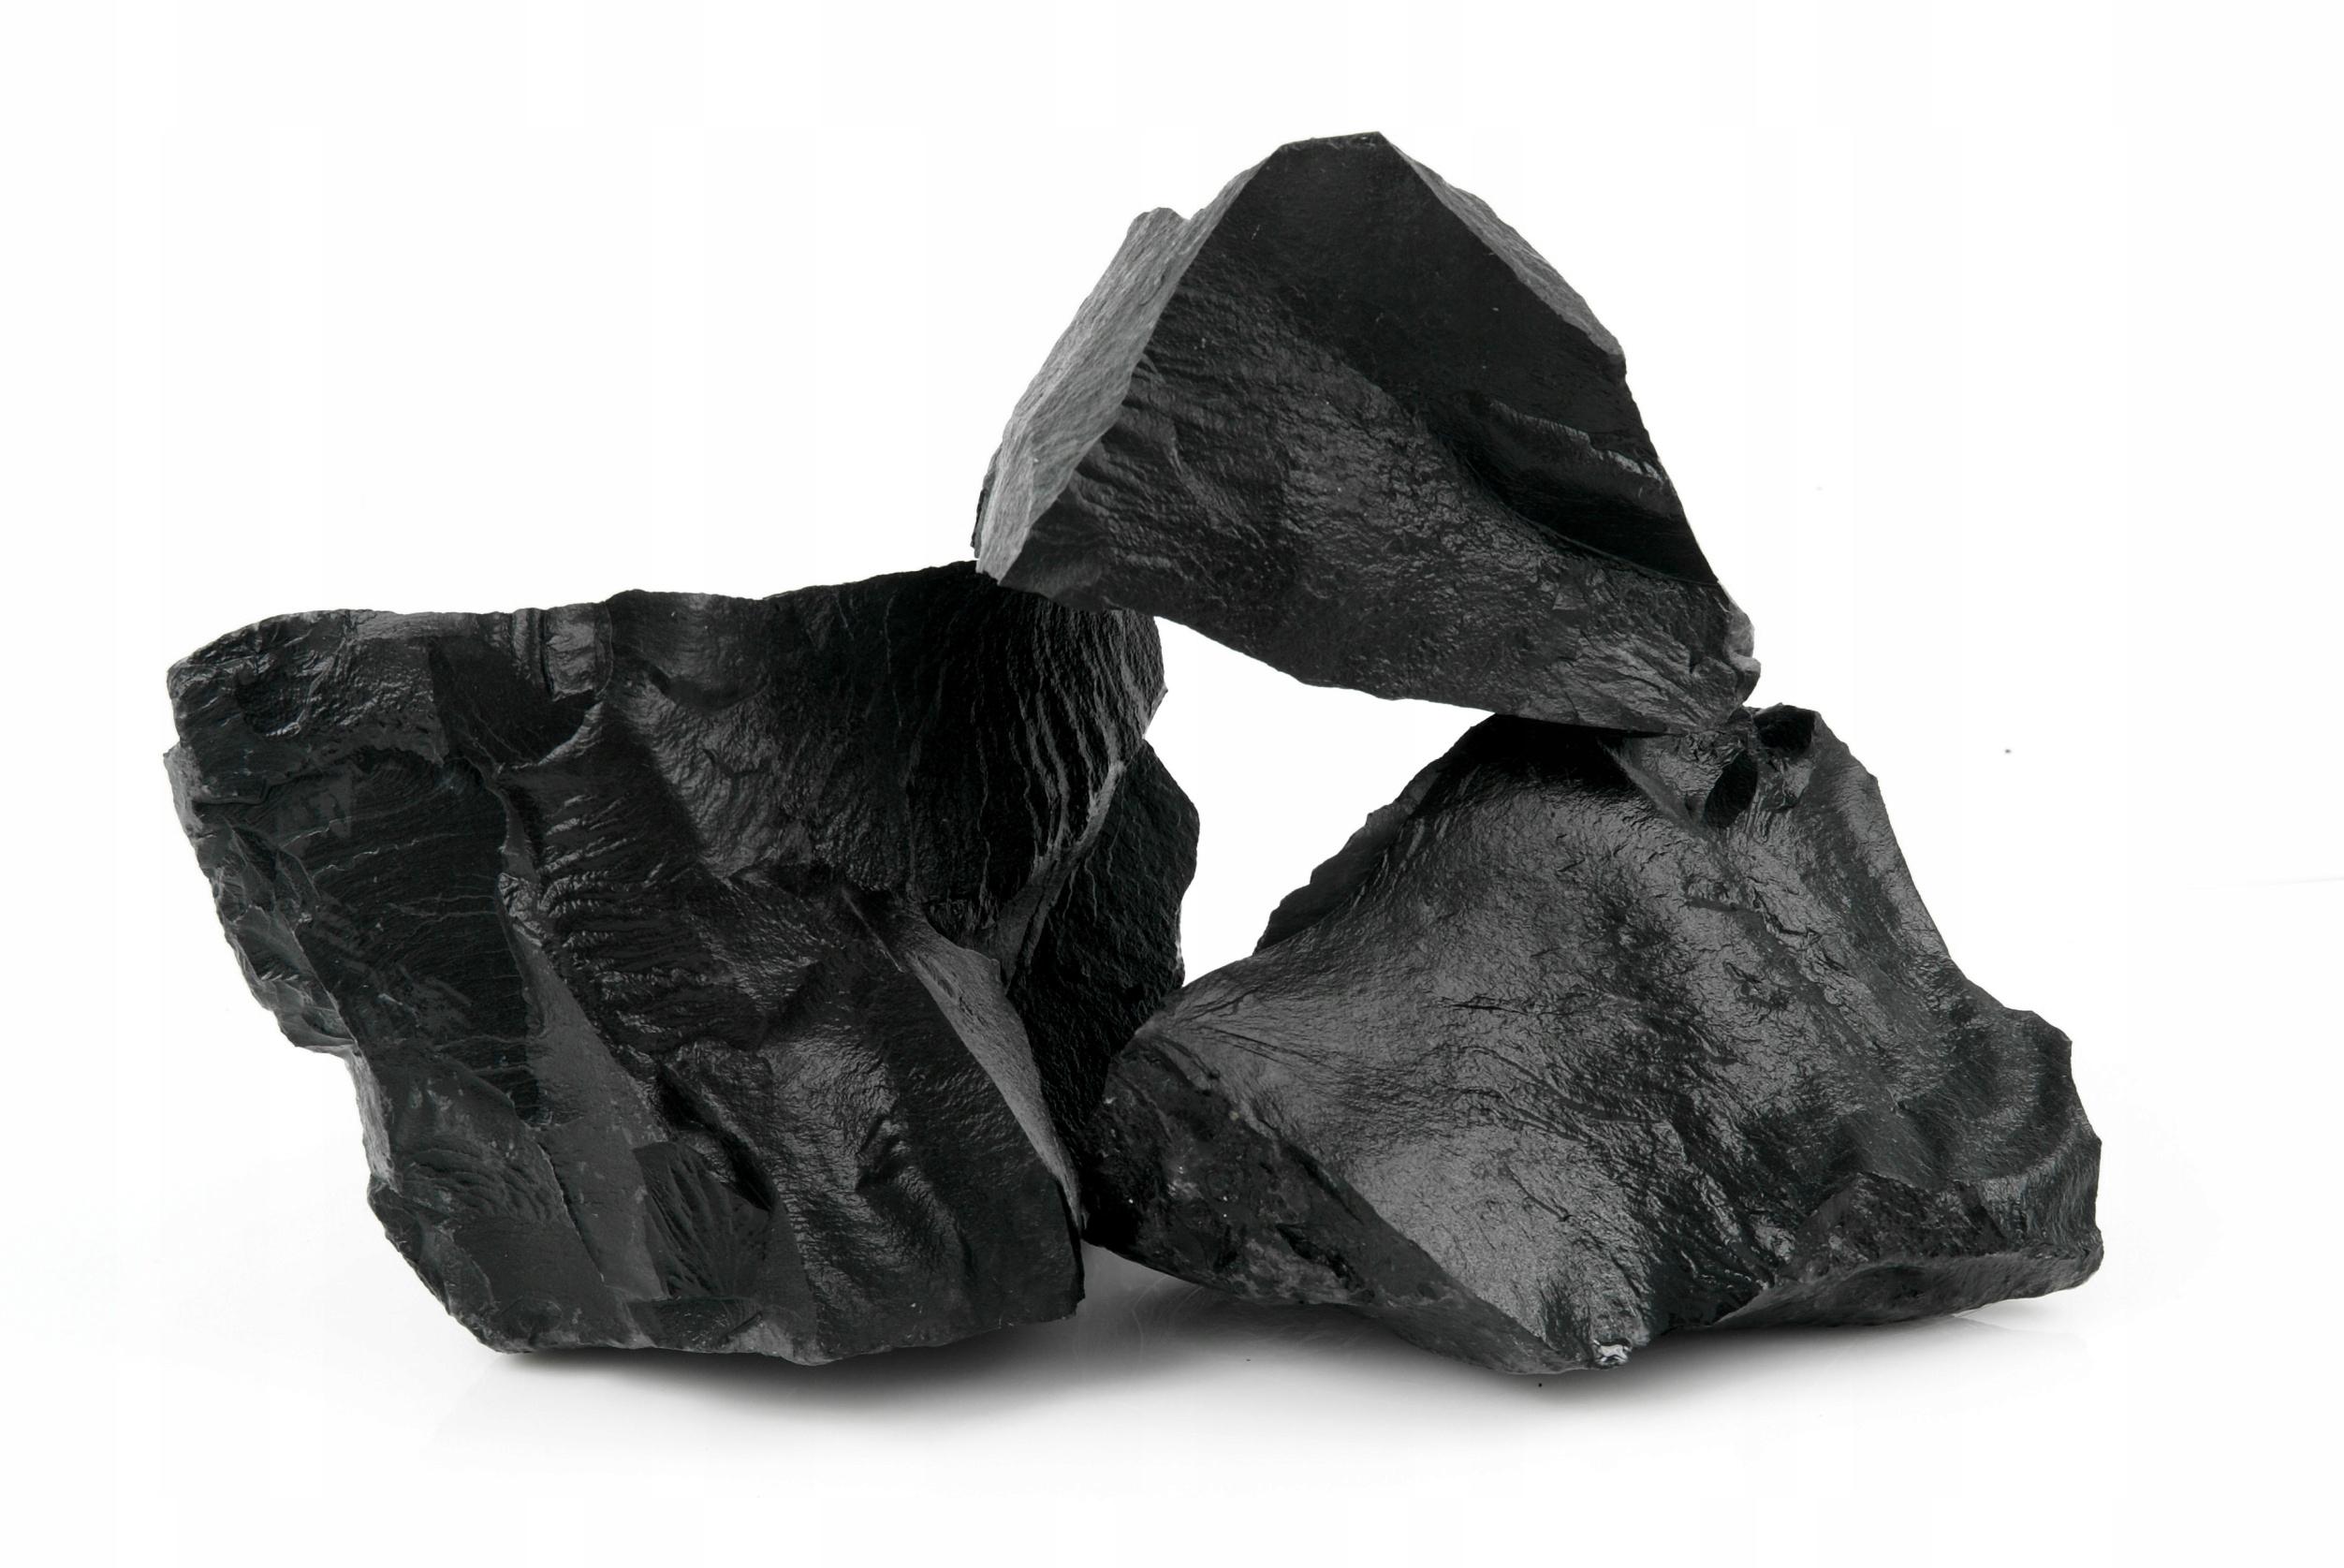 Kameň NERO Kameň-Čierne Bridlice pre Akvárium 25 kg